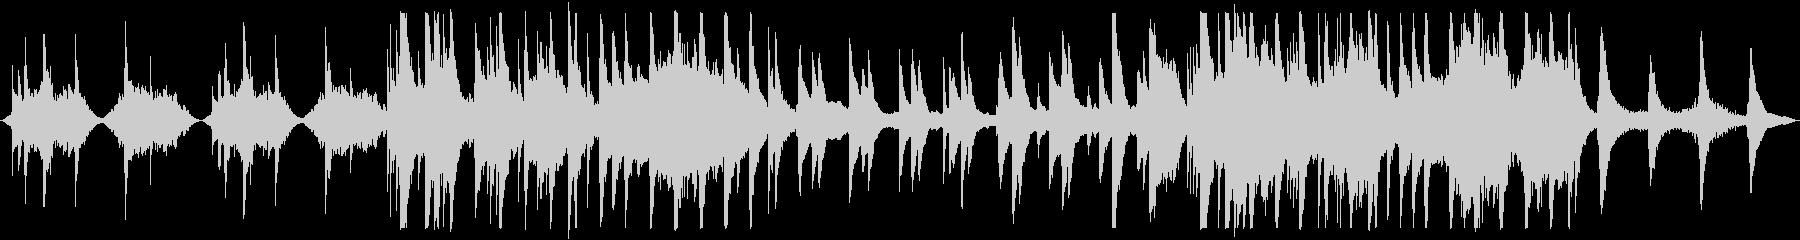 【ループ版】和風 バラード美しい琴の未再生の波形